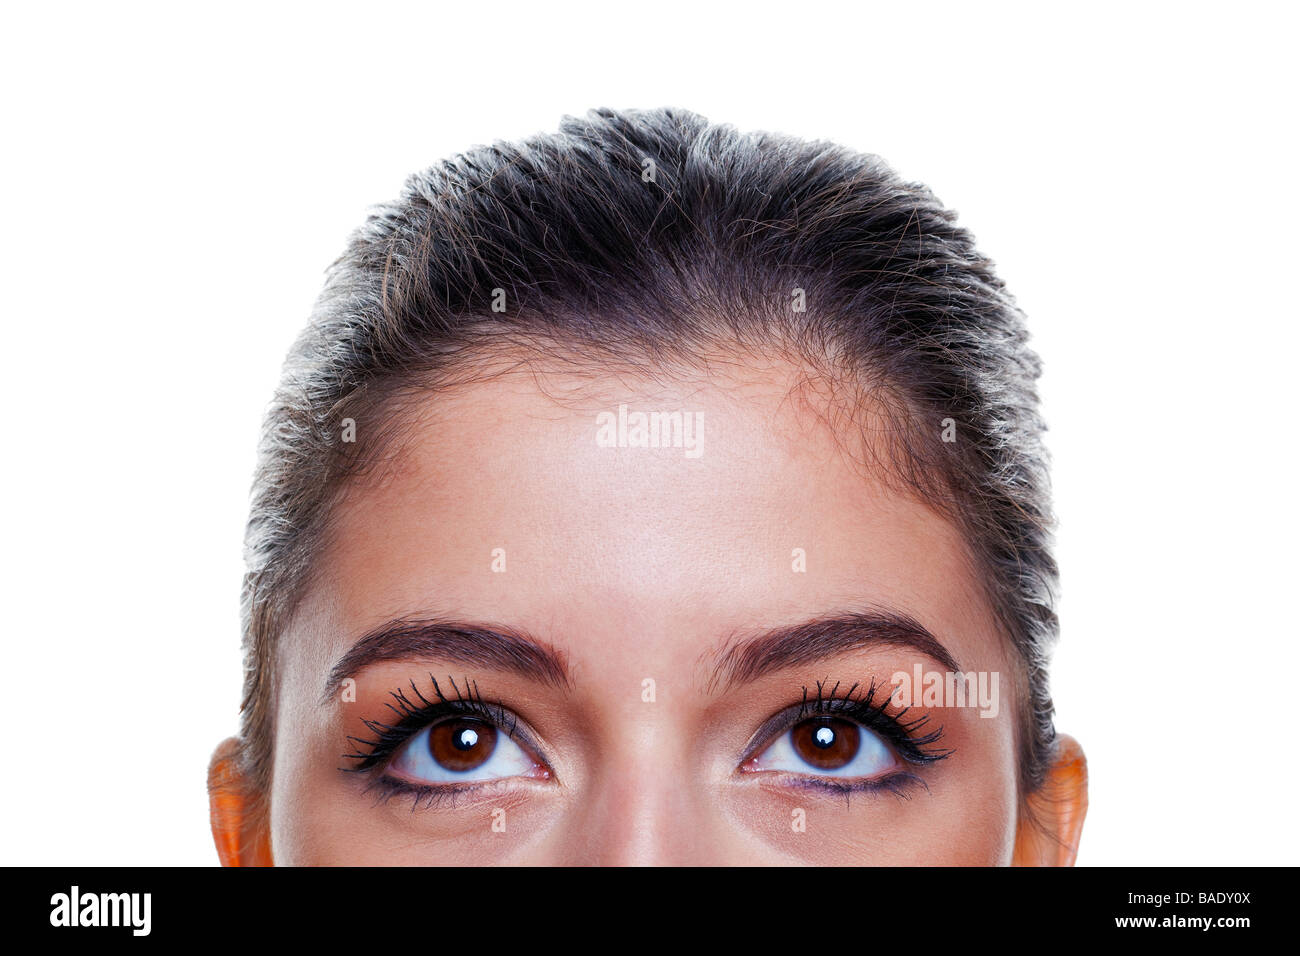 Belle femme brune avec de grands yeux bruns regardant vers le haut isolé sur fond blanc Photo Stock